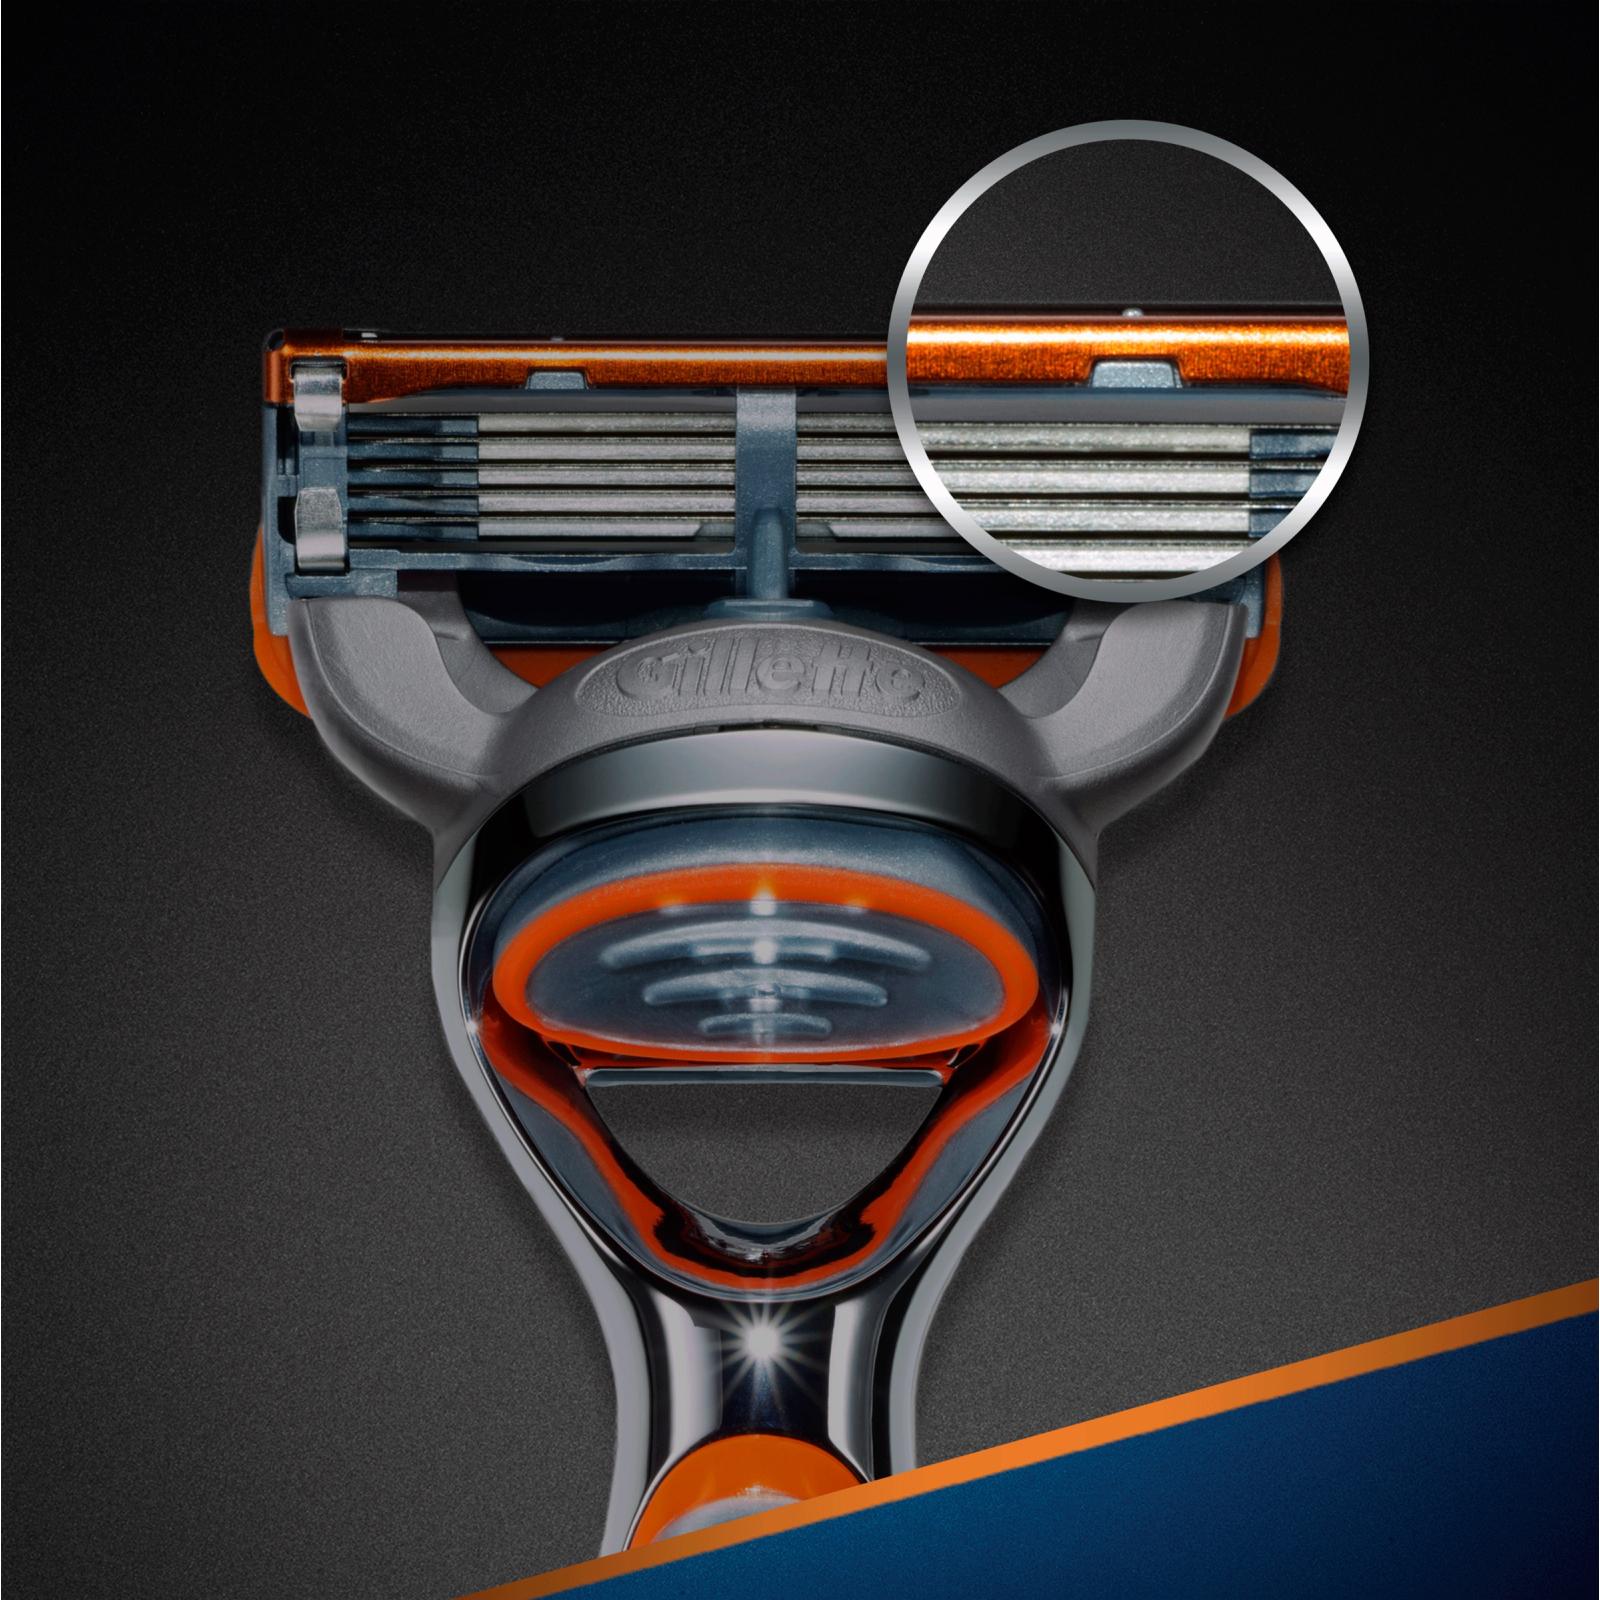 Бритва Gillette Fusion Power с 1 сменной кассетой (7702018877539) изображение 4